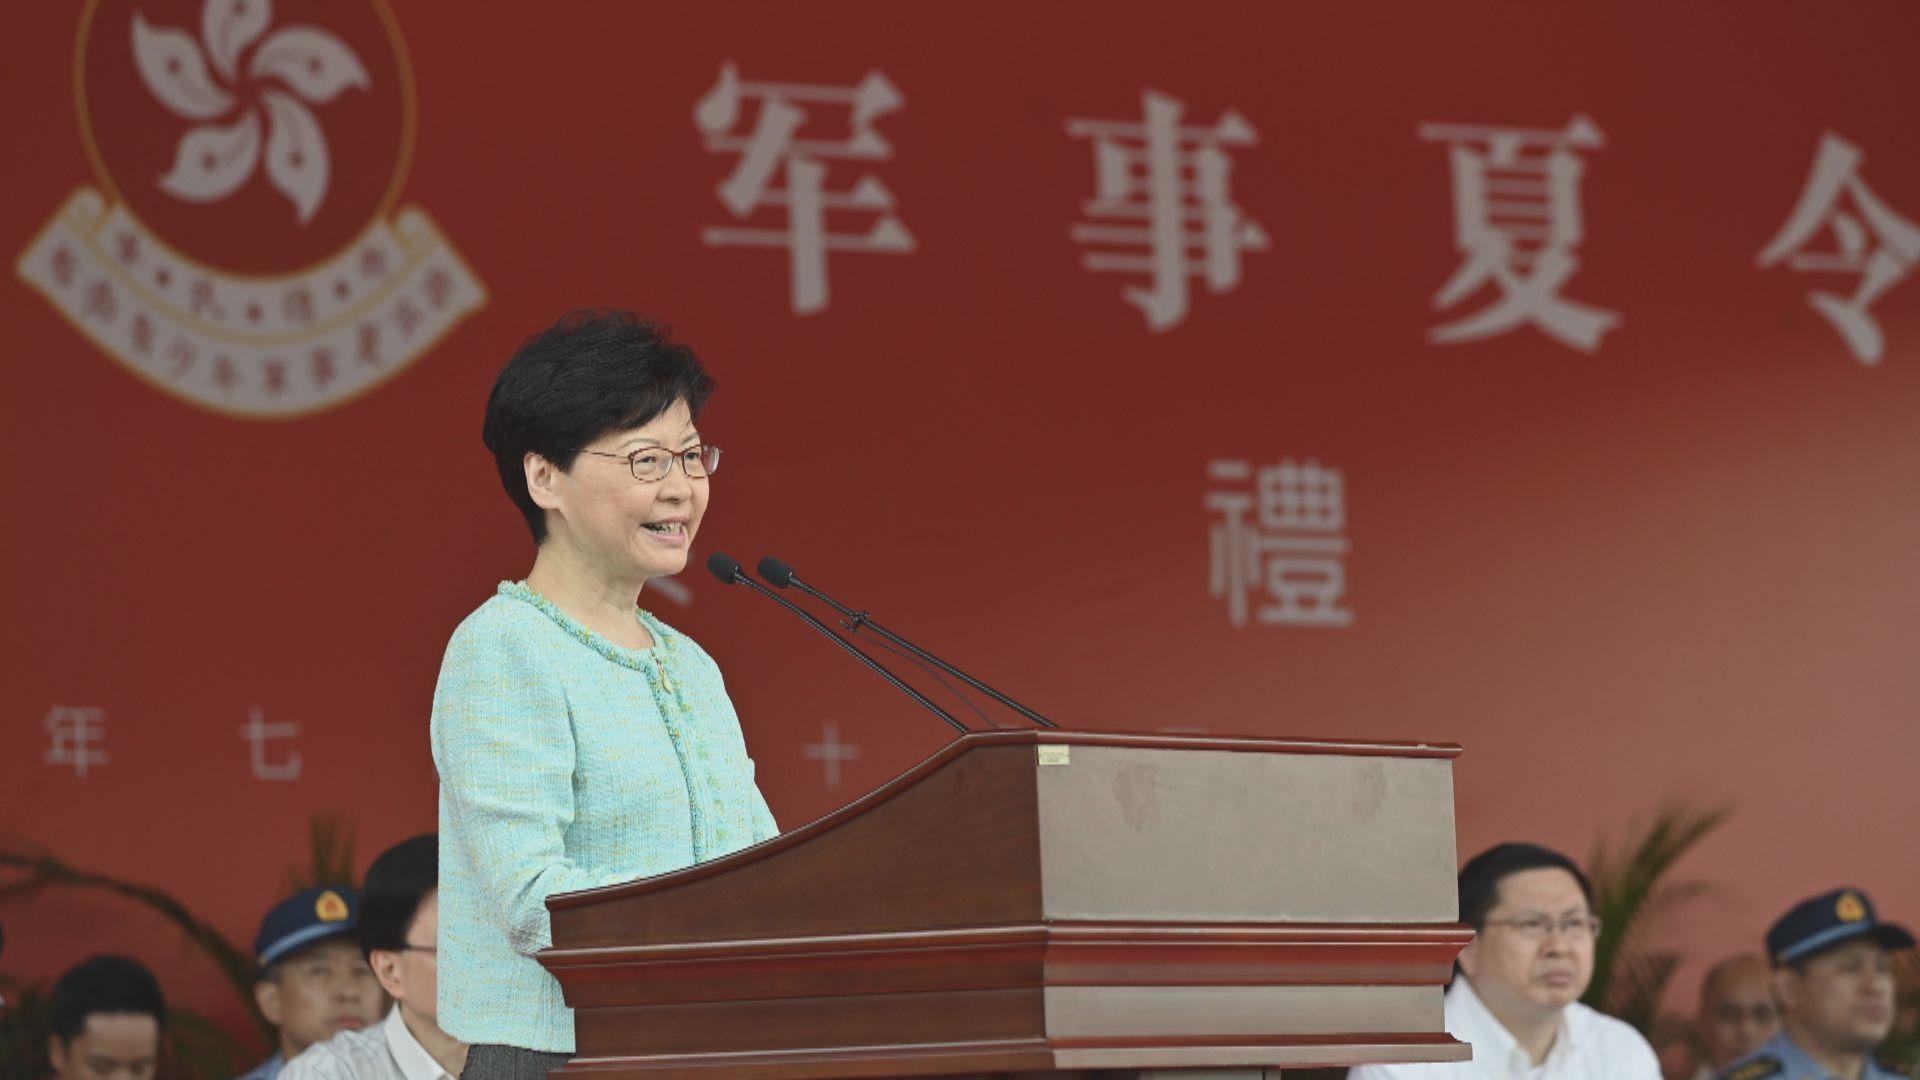 林鄭出席軍事夏令營 事前未有公布